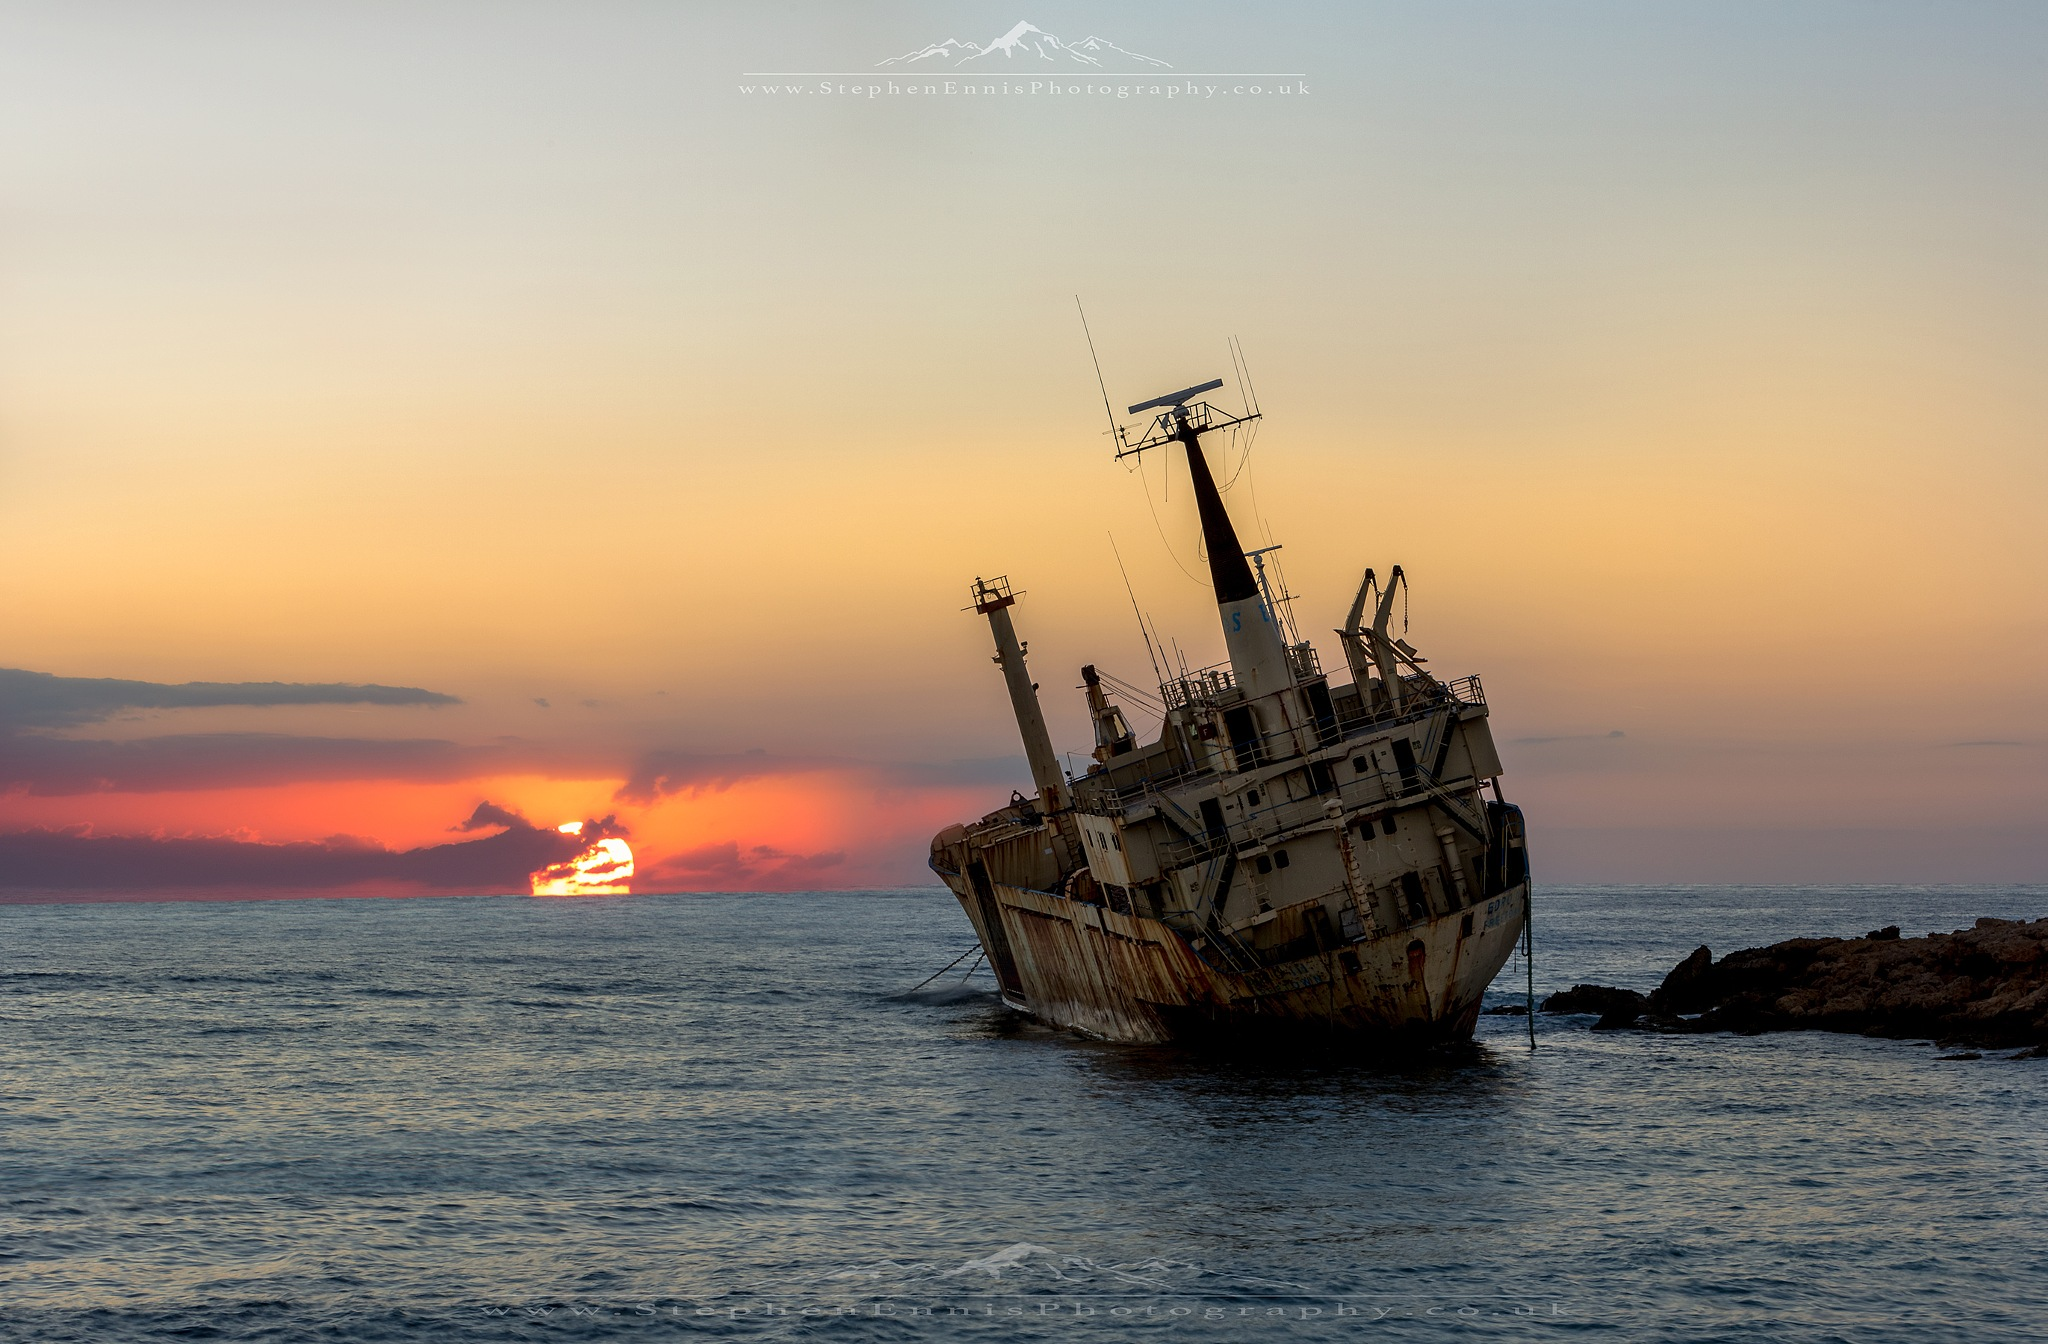 Edro III @ Sunset II by Stephen Ennis Photography